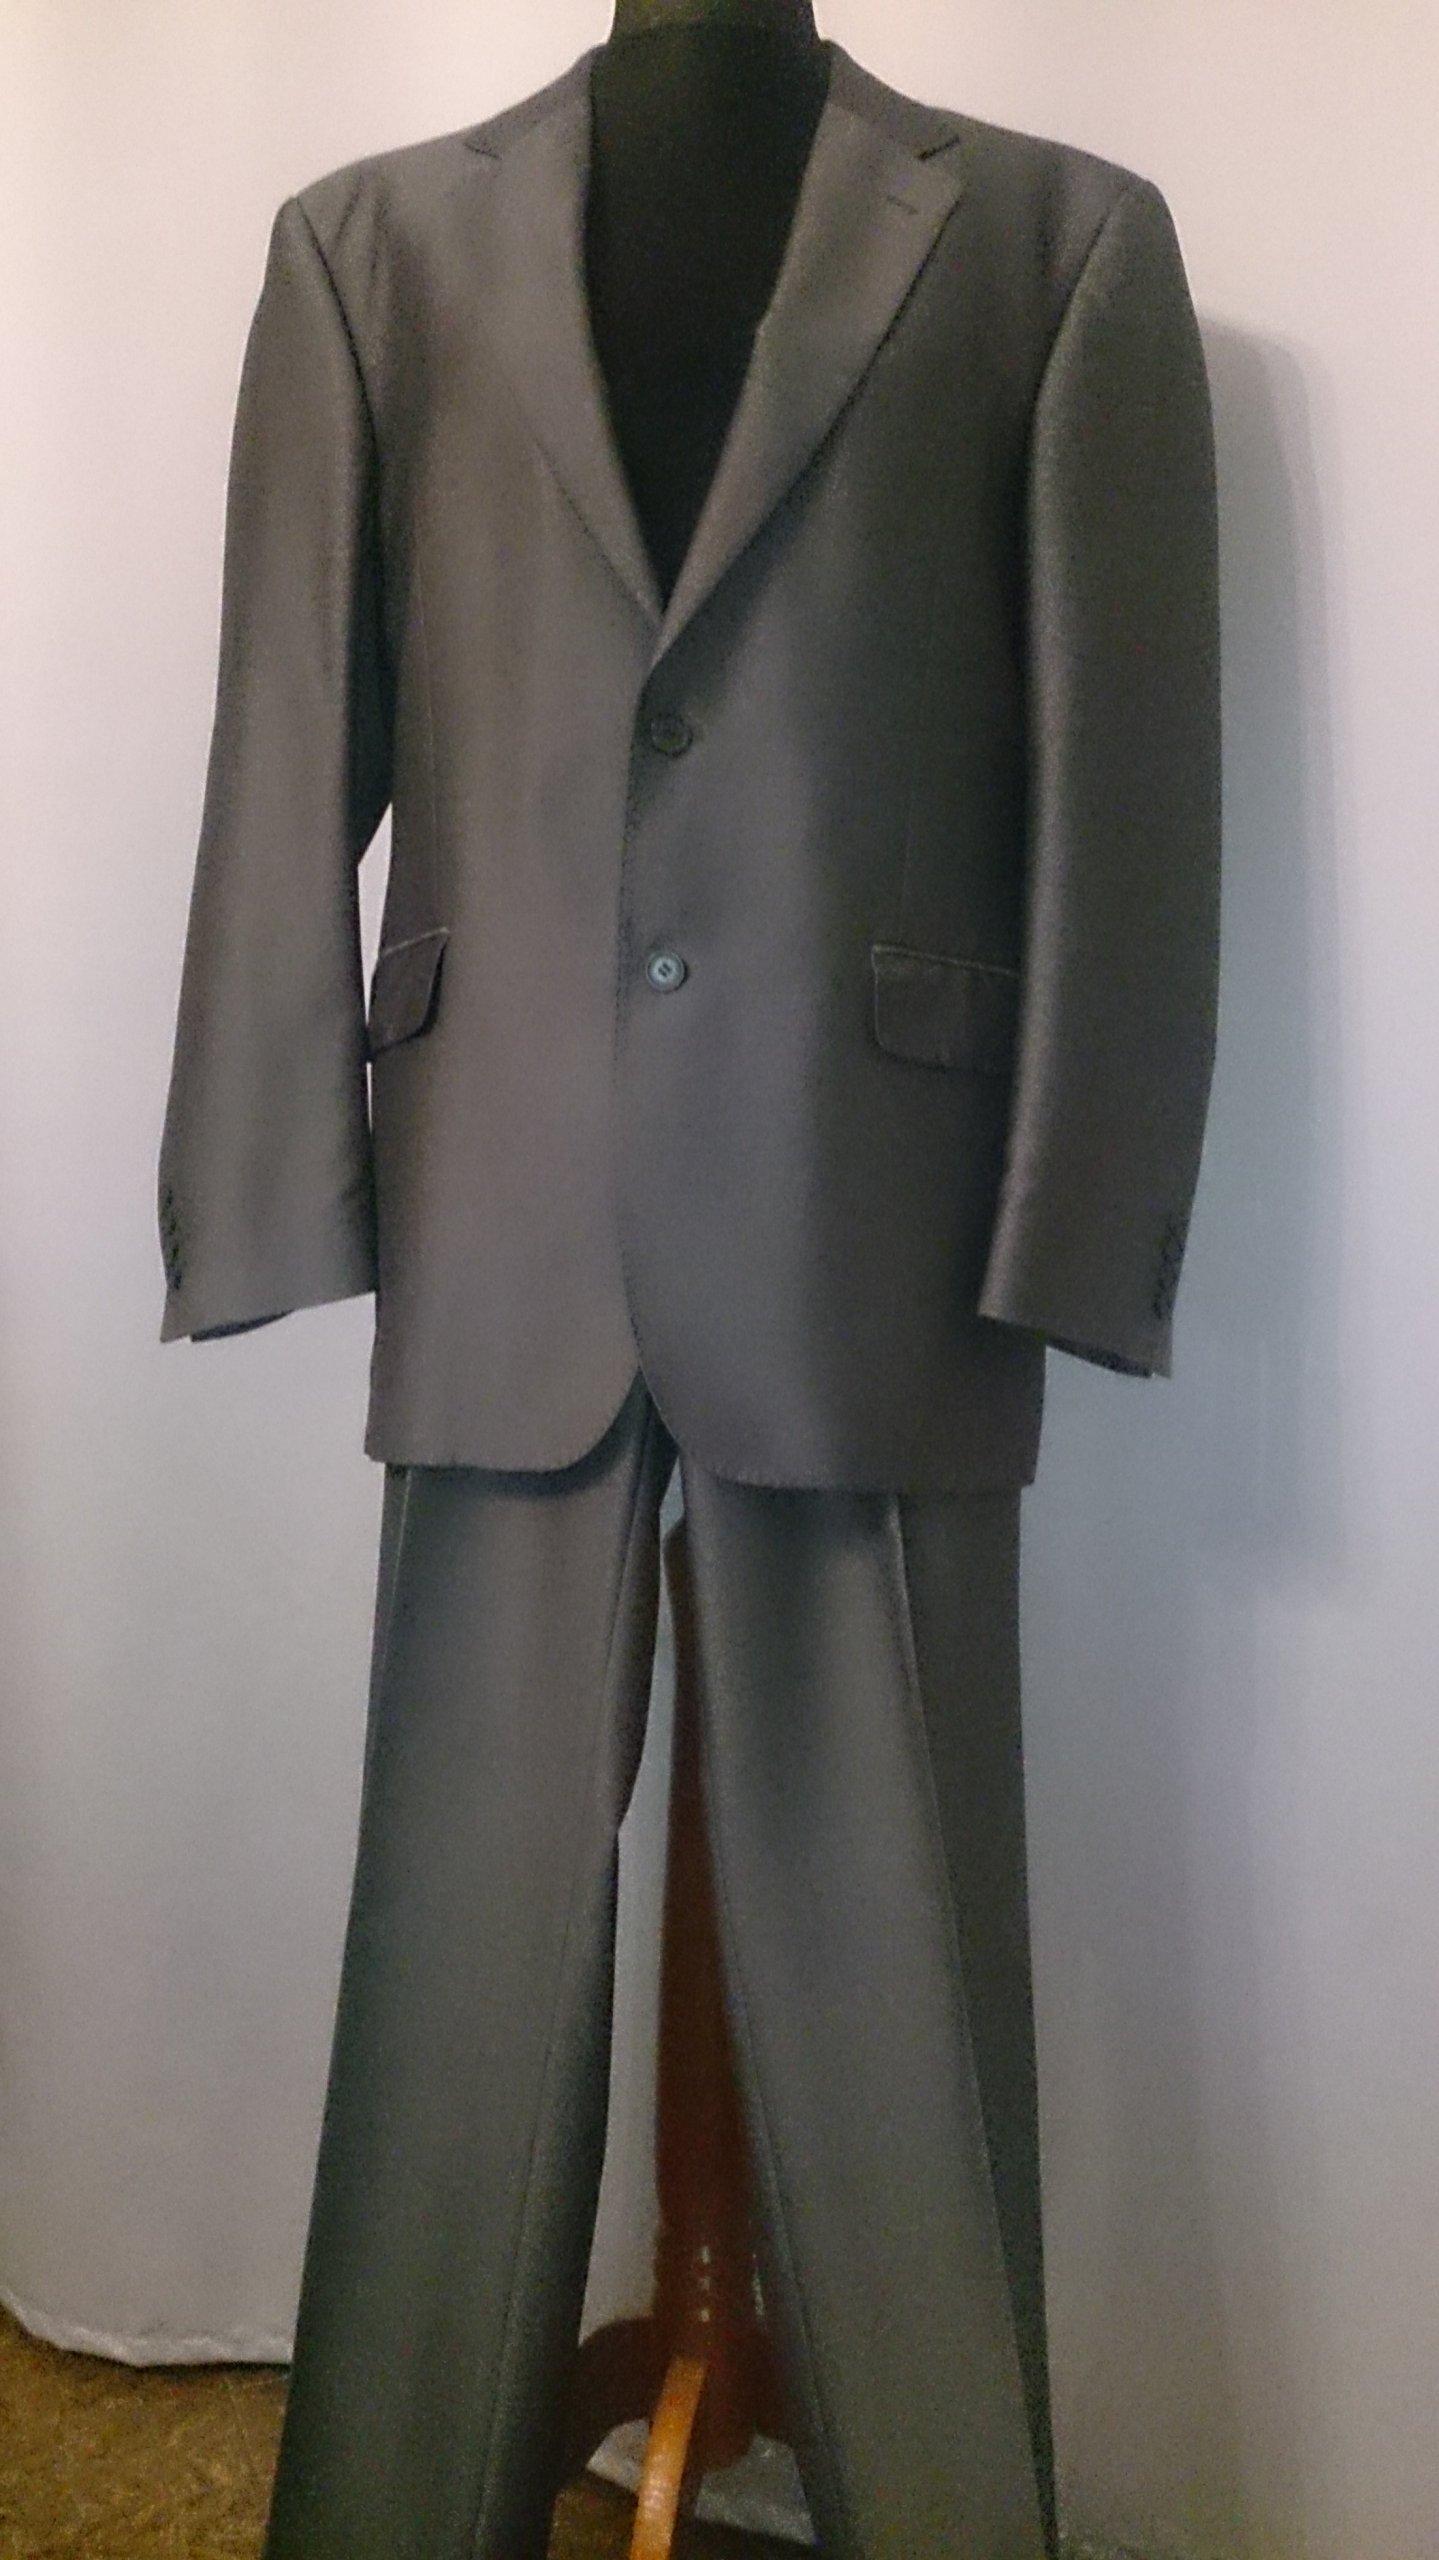 533c62396f978 stalowy garnitur w Oficjalnym Archiwum Allegro - Strona 2 - archiwum ofert